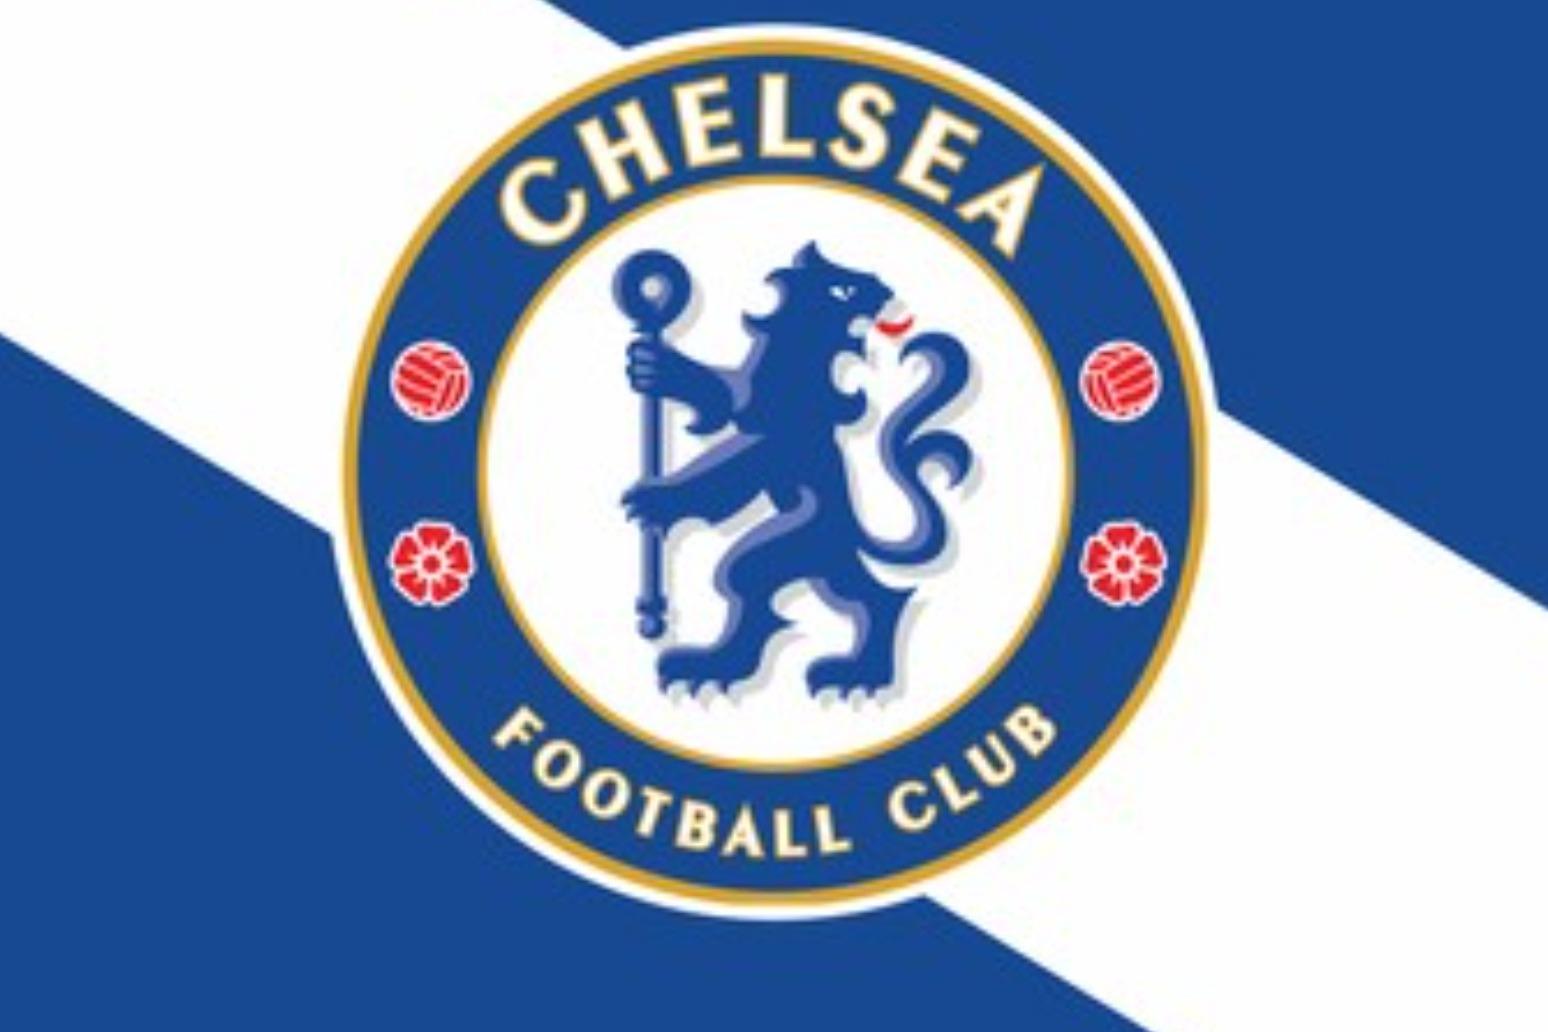 Roy Keane felt Chelsea against Tottenham was like watching 'men v boys'